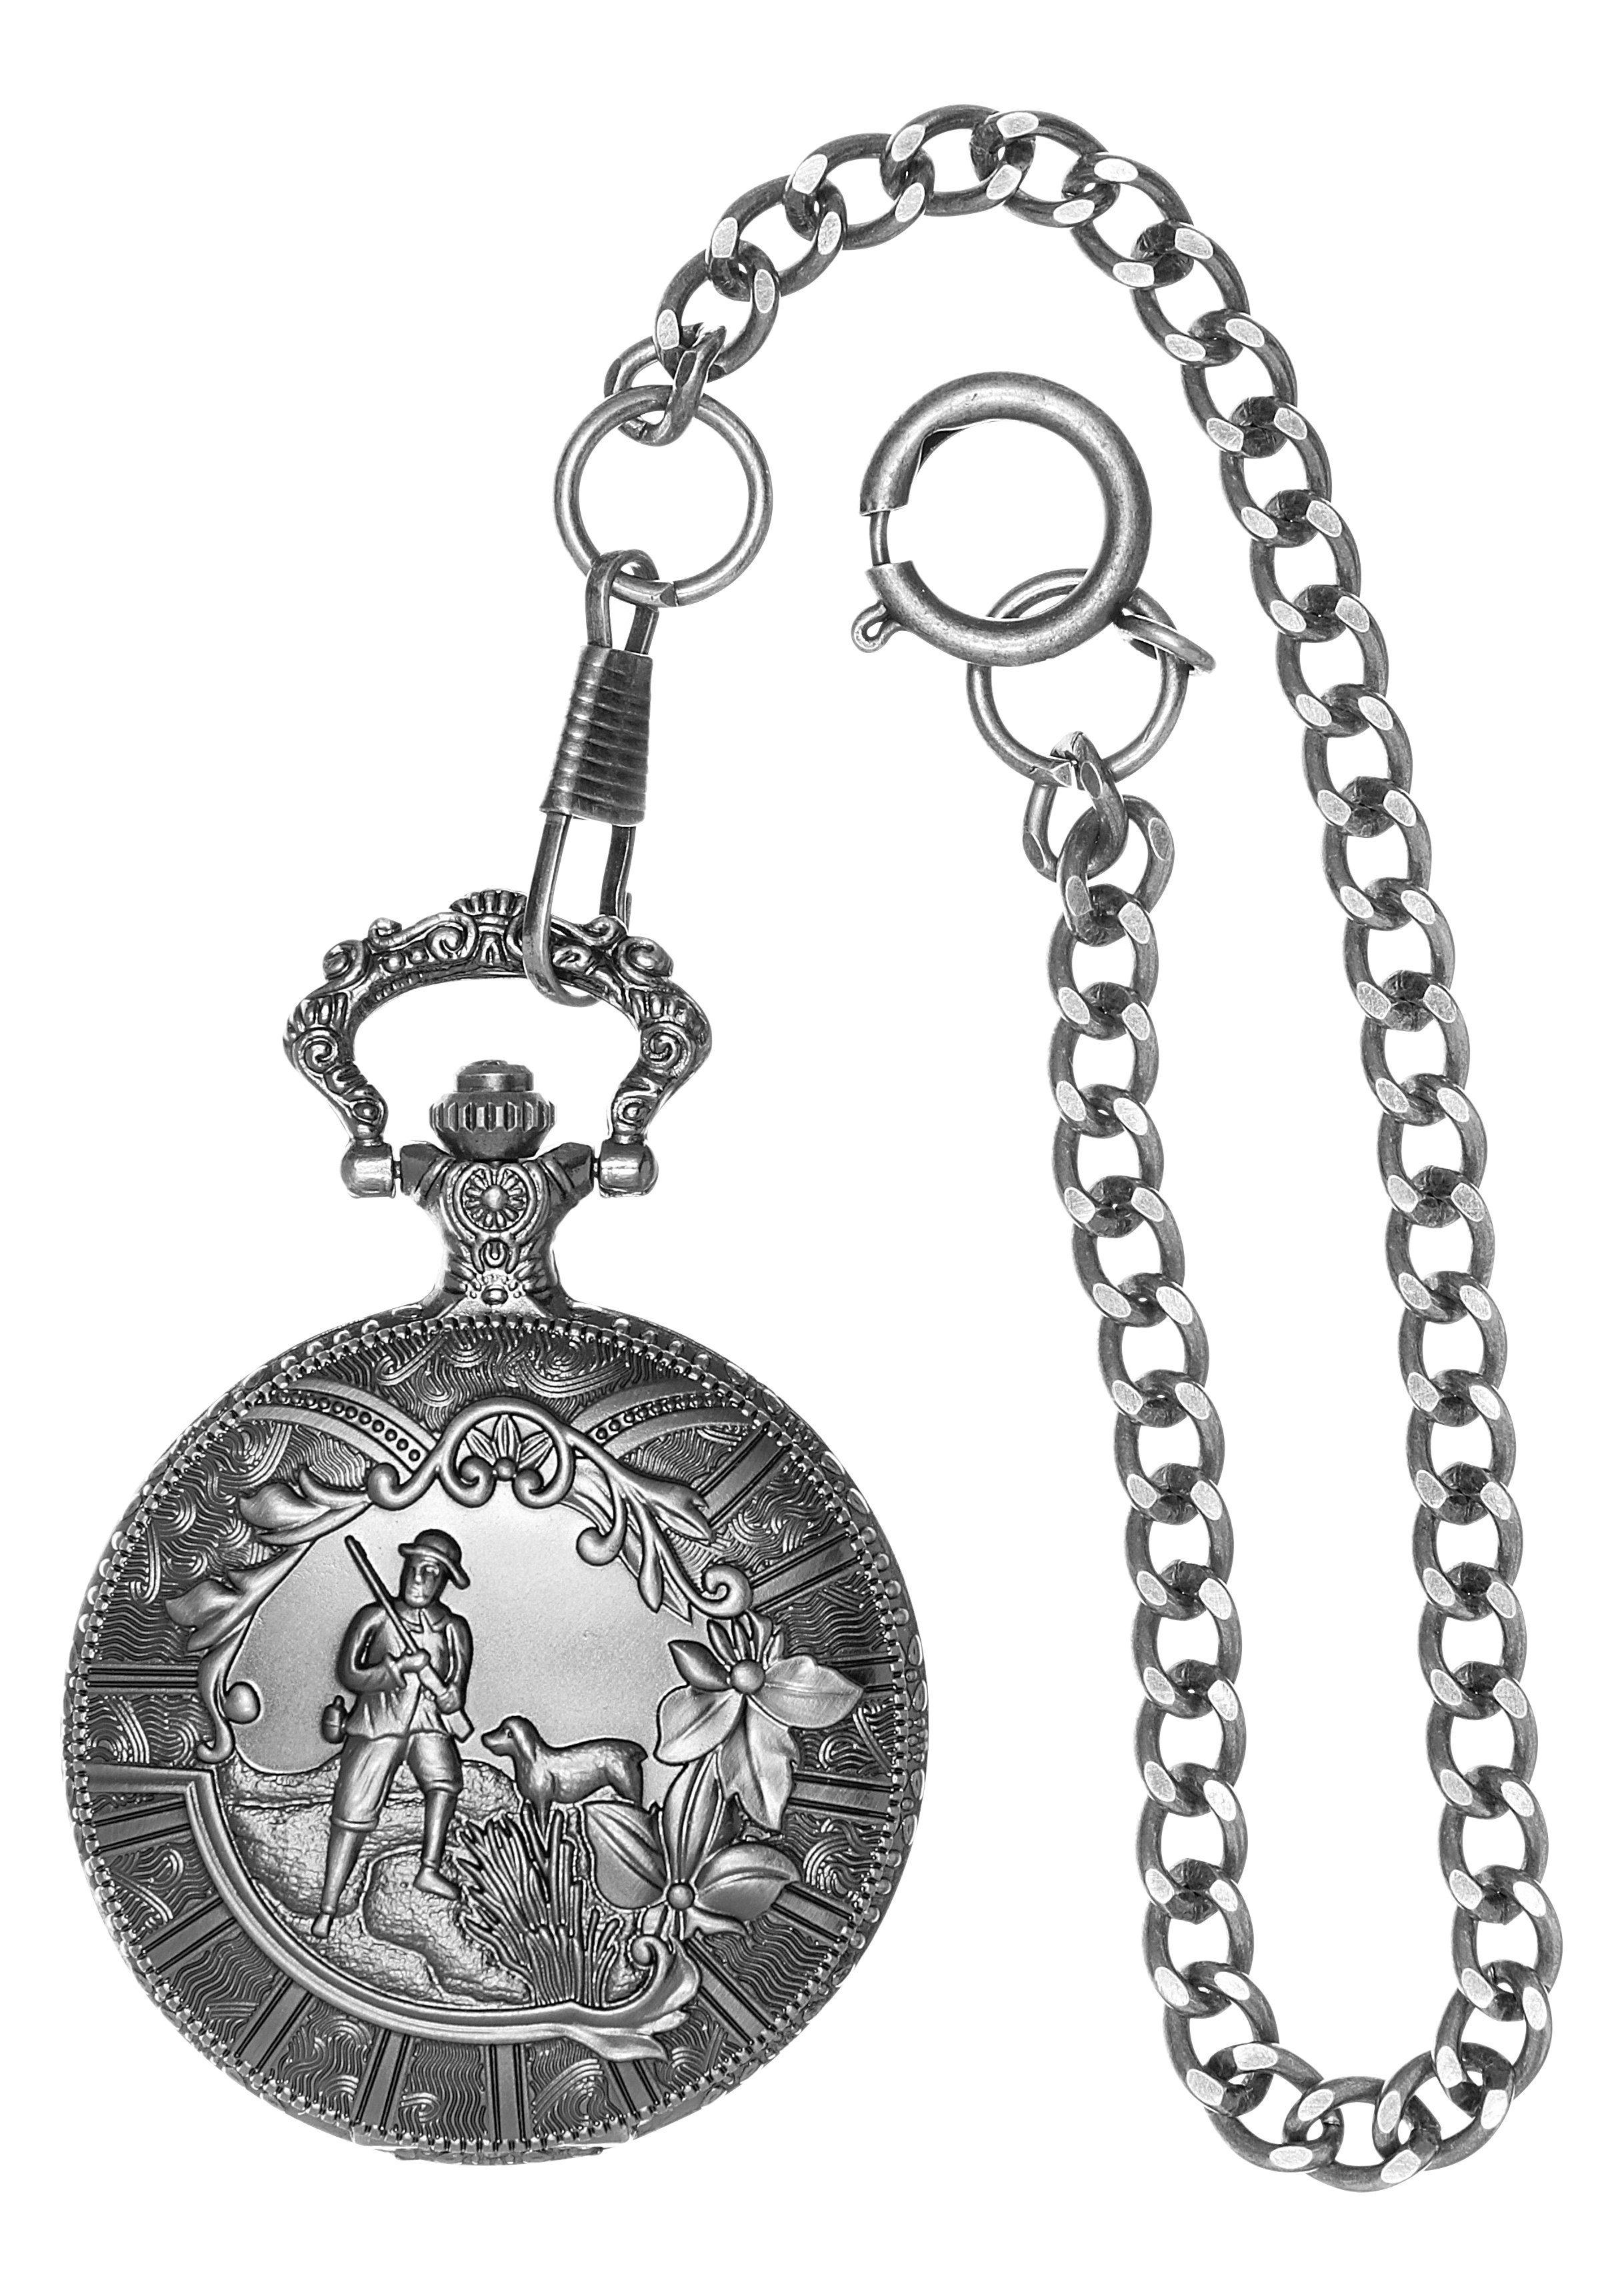 Country Line Trachtentaschenuhr Herren mit Kette aus Edelstahl Herrenmode/Schmuck & Accessoires/Uhren/Taschenuhren